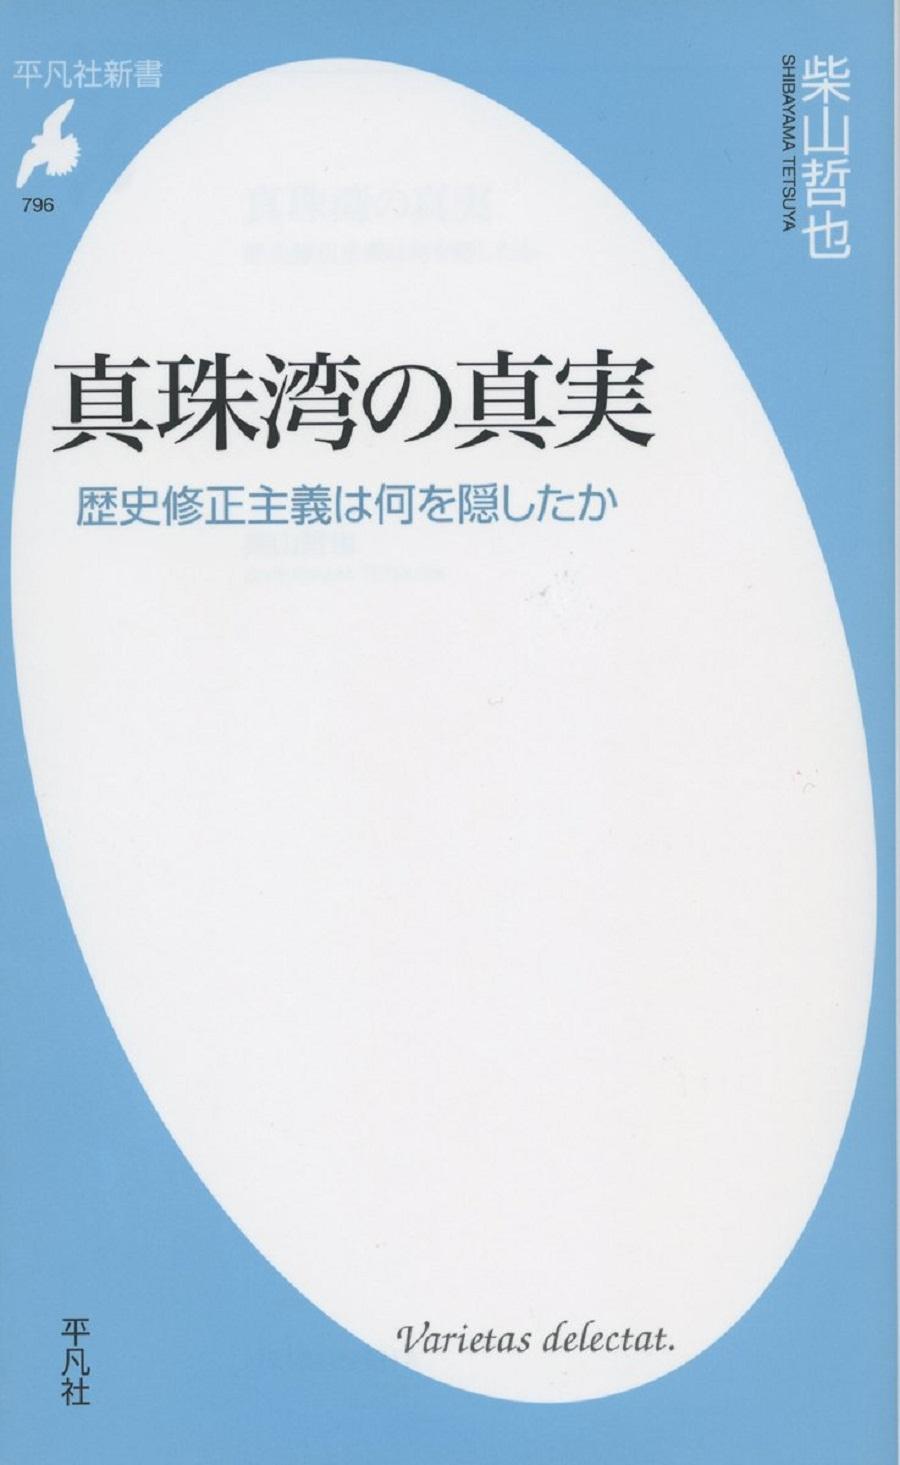 日本政府は「説明責任」を果たしていない 『真珠湾の真実』   J-CAST BOOKウォッチ